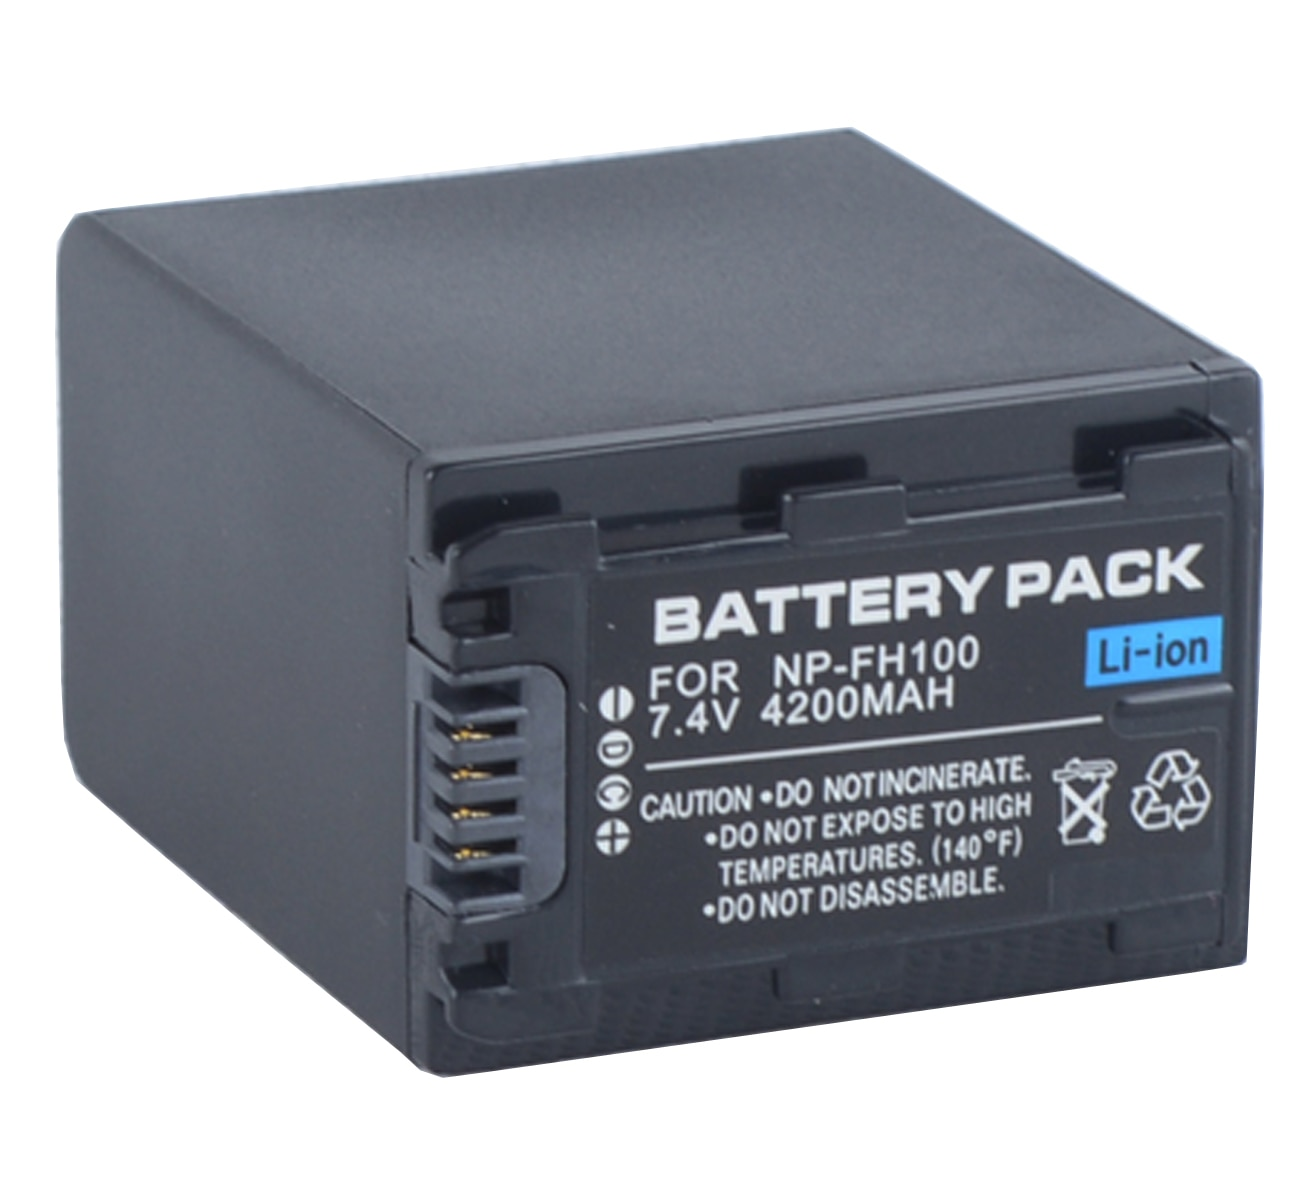 Paquete de baterías para Sony DCR-HC45E, DCR-HC47E, DCR-HC48E, DCR-HC51E, DCR-HC52E, DCR-HC53E, DCR-HC54E